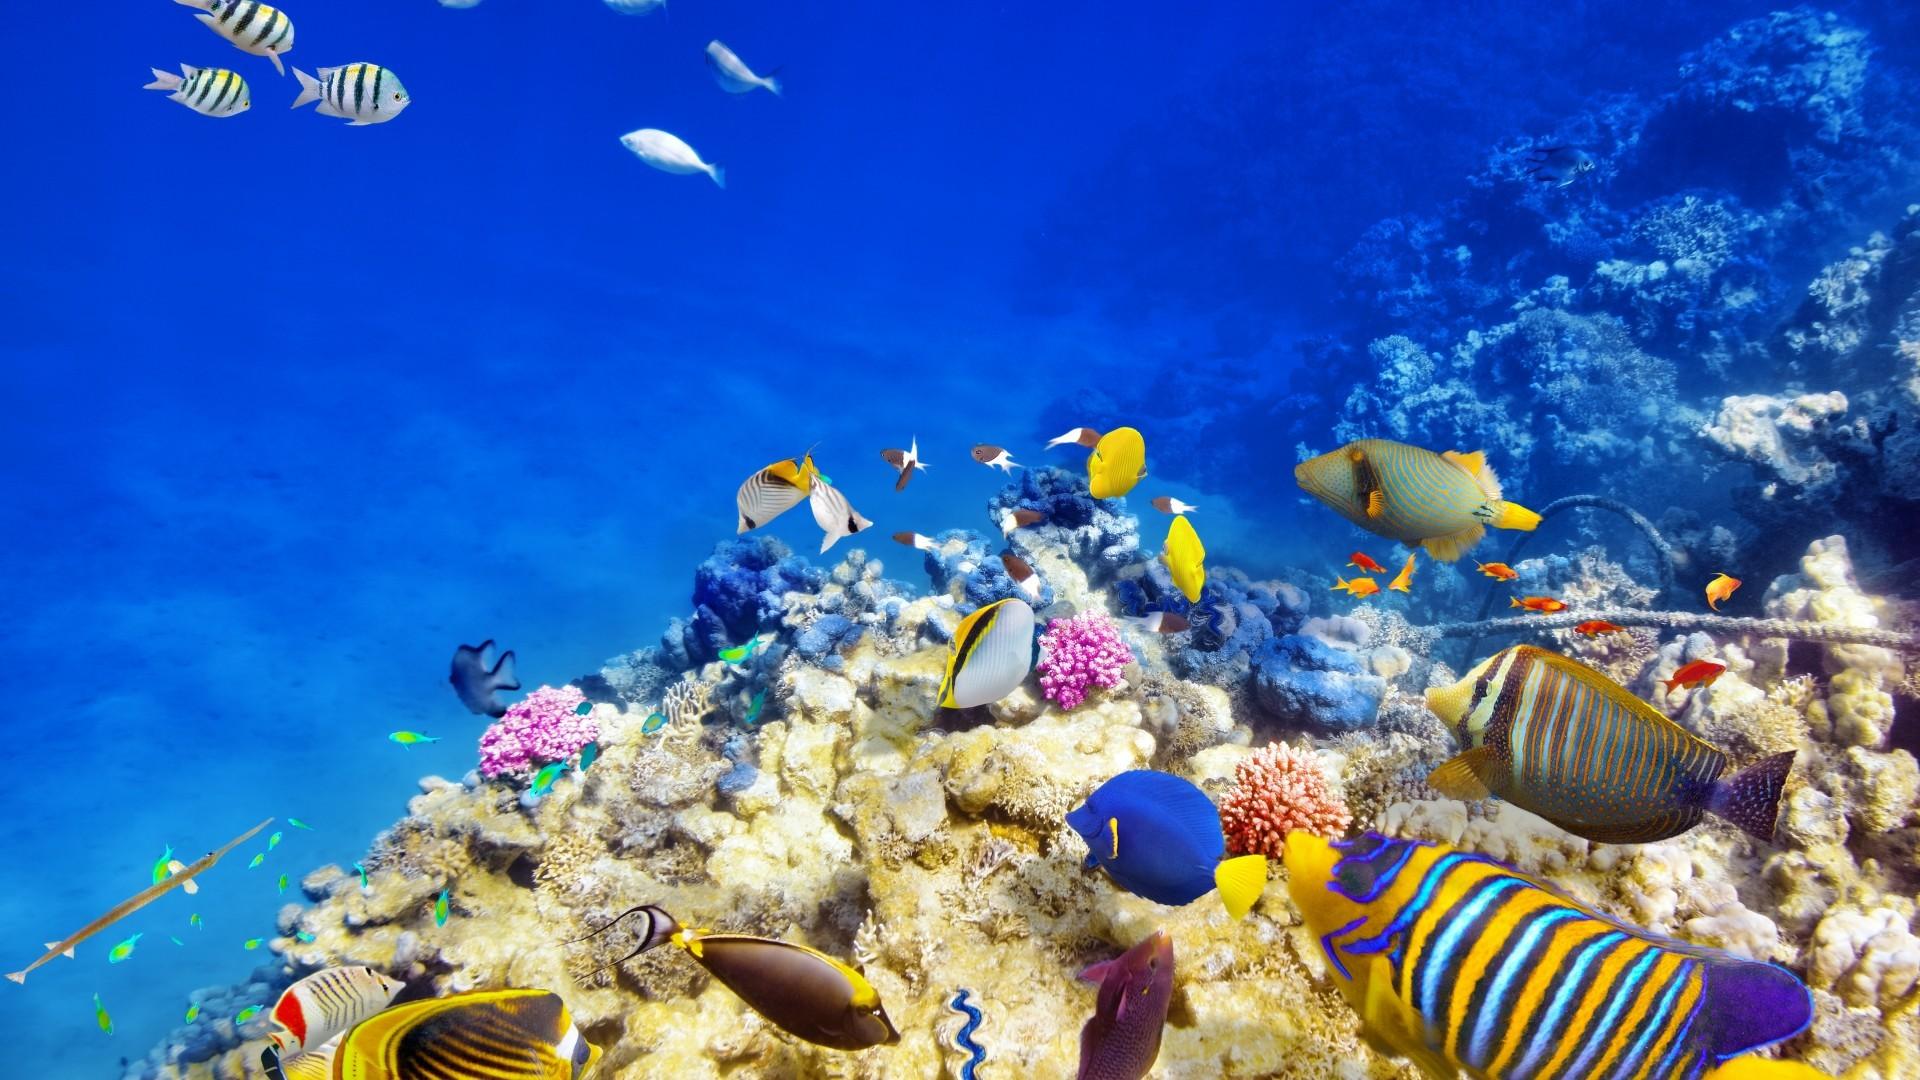 Sfondi tropicali 38 immagini for Sfondi pesci tropicali